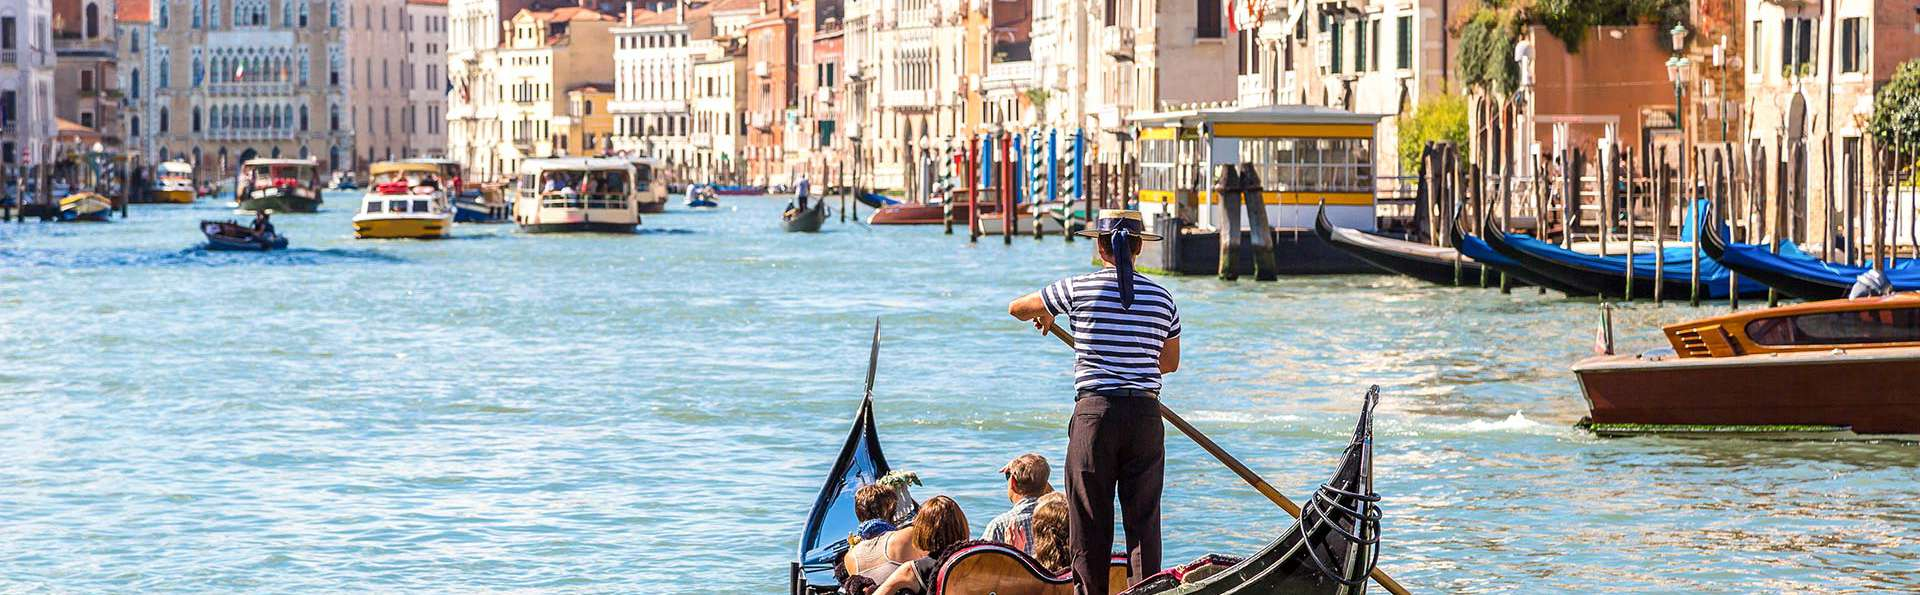 Séjour romantique au cœur de Venise